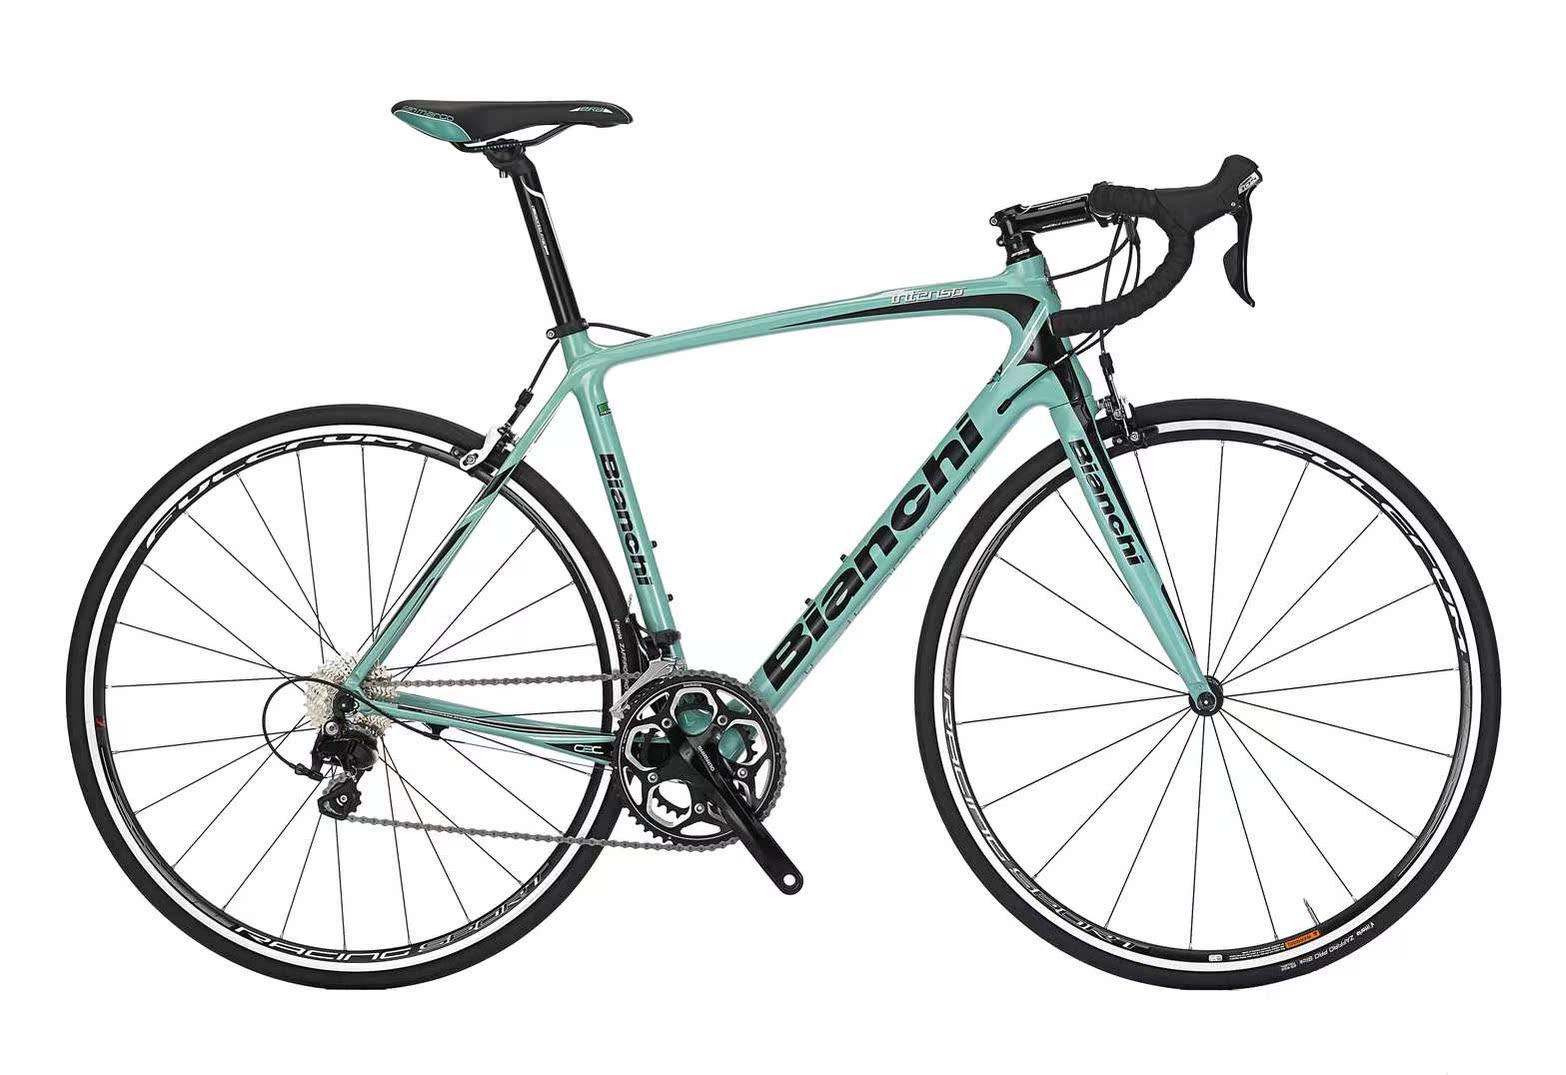 La bicicleta de carretera Bianchi importada de Italia